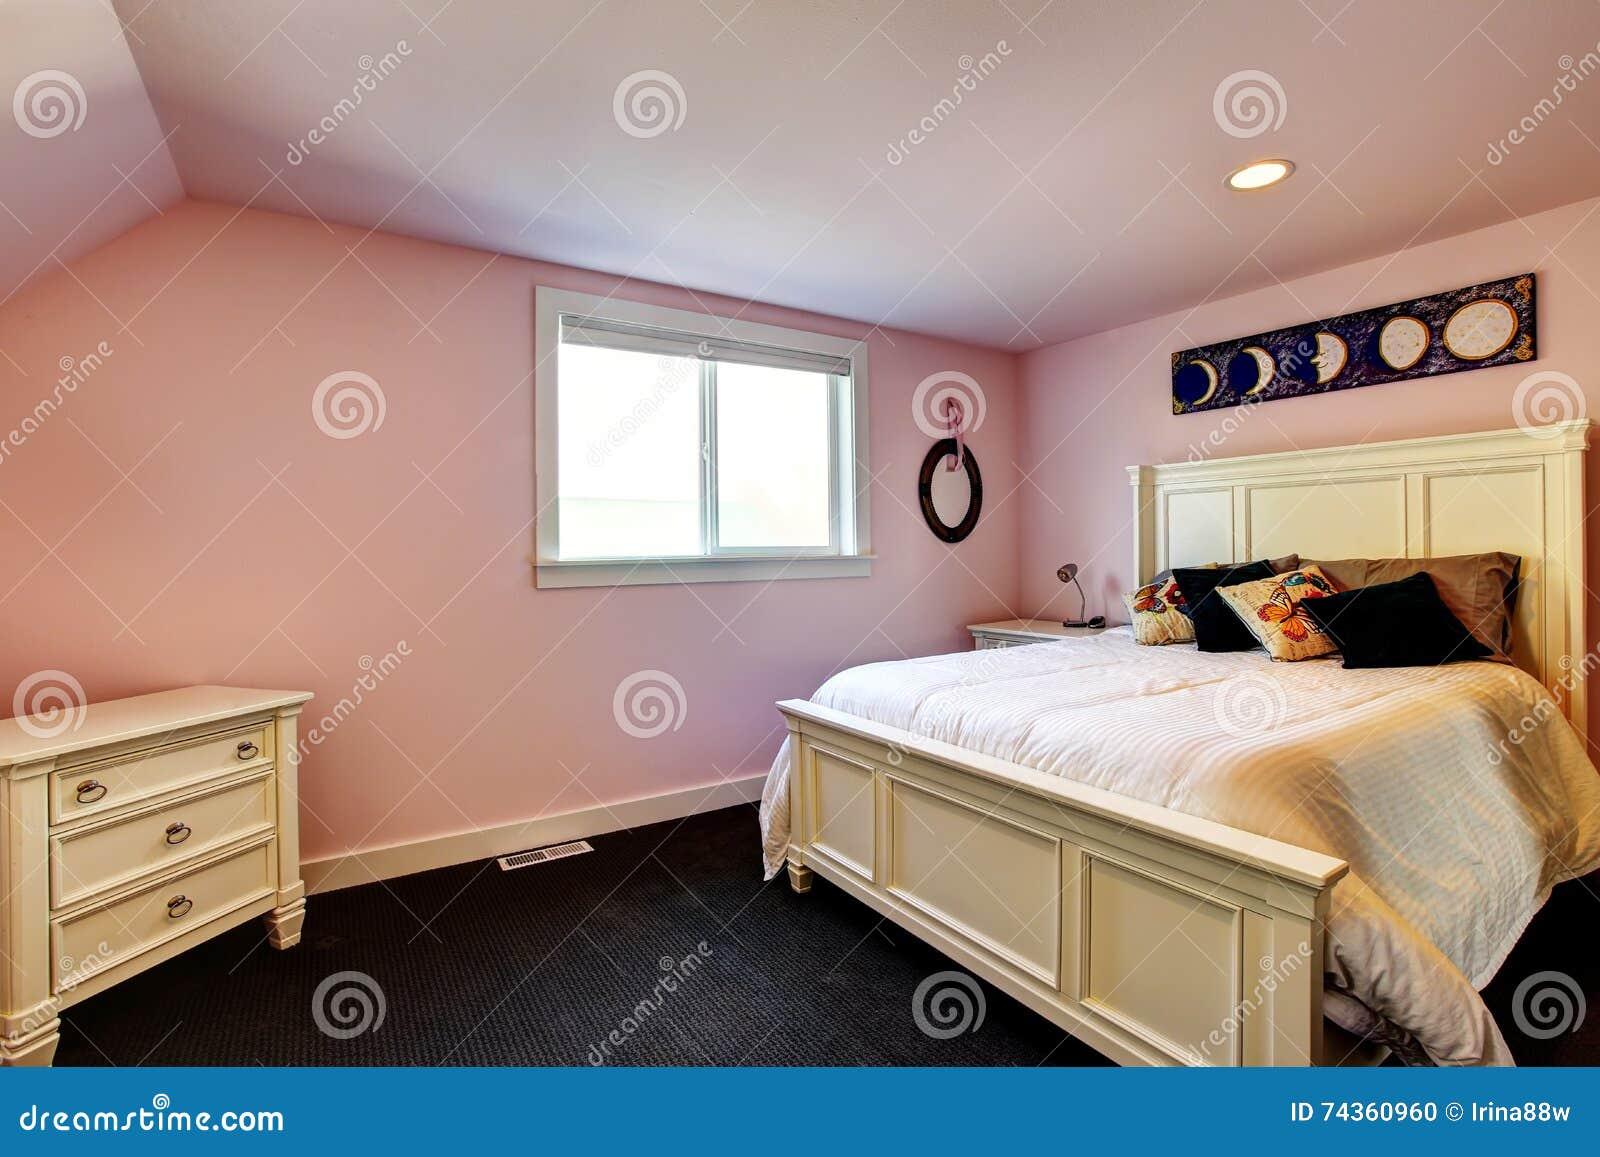 Camera da letto moderna con le pareti nei toni rosa pavimento di tappeto fotografia stock for Pareti camera da letto moderna